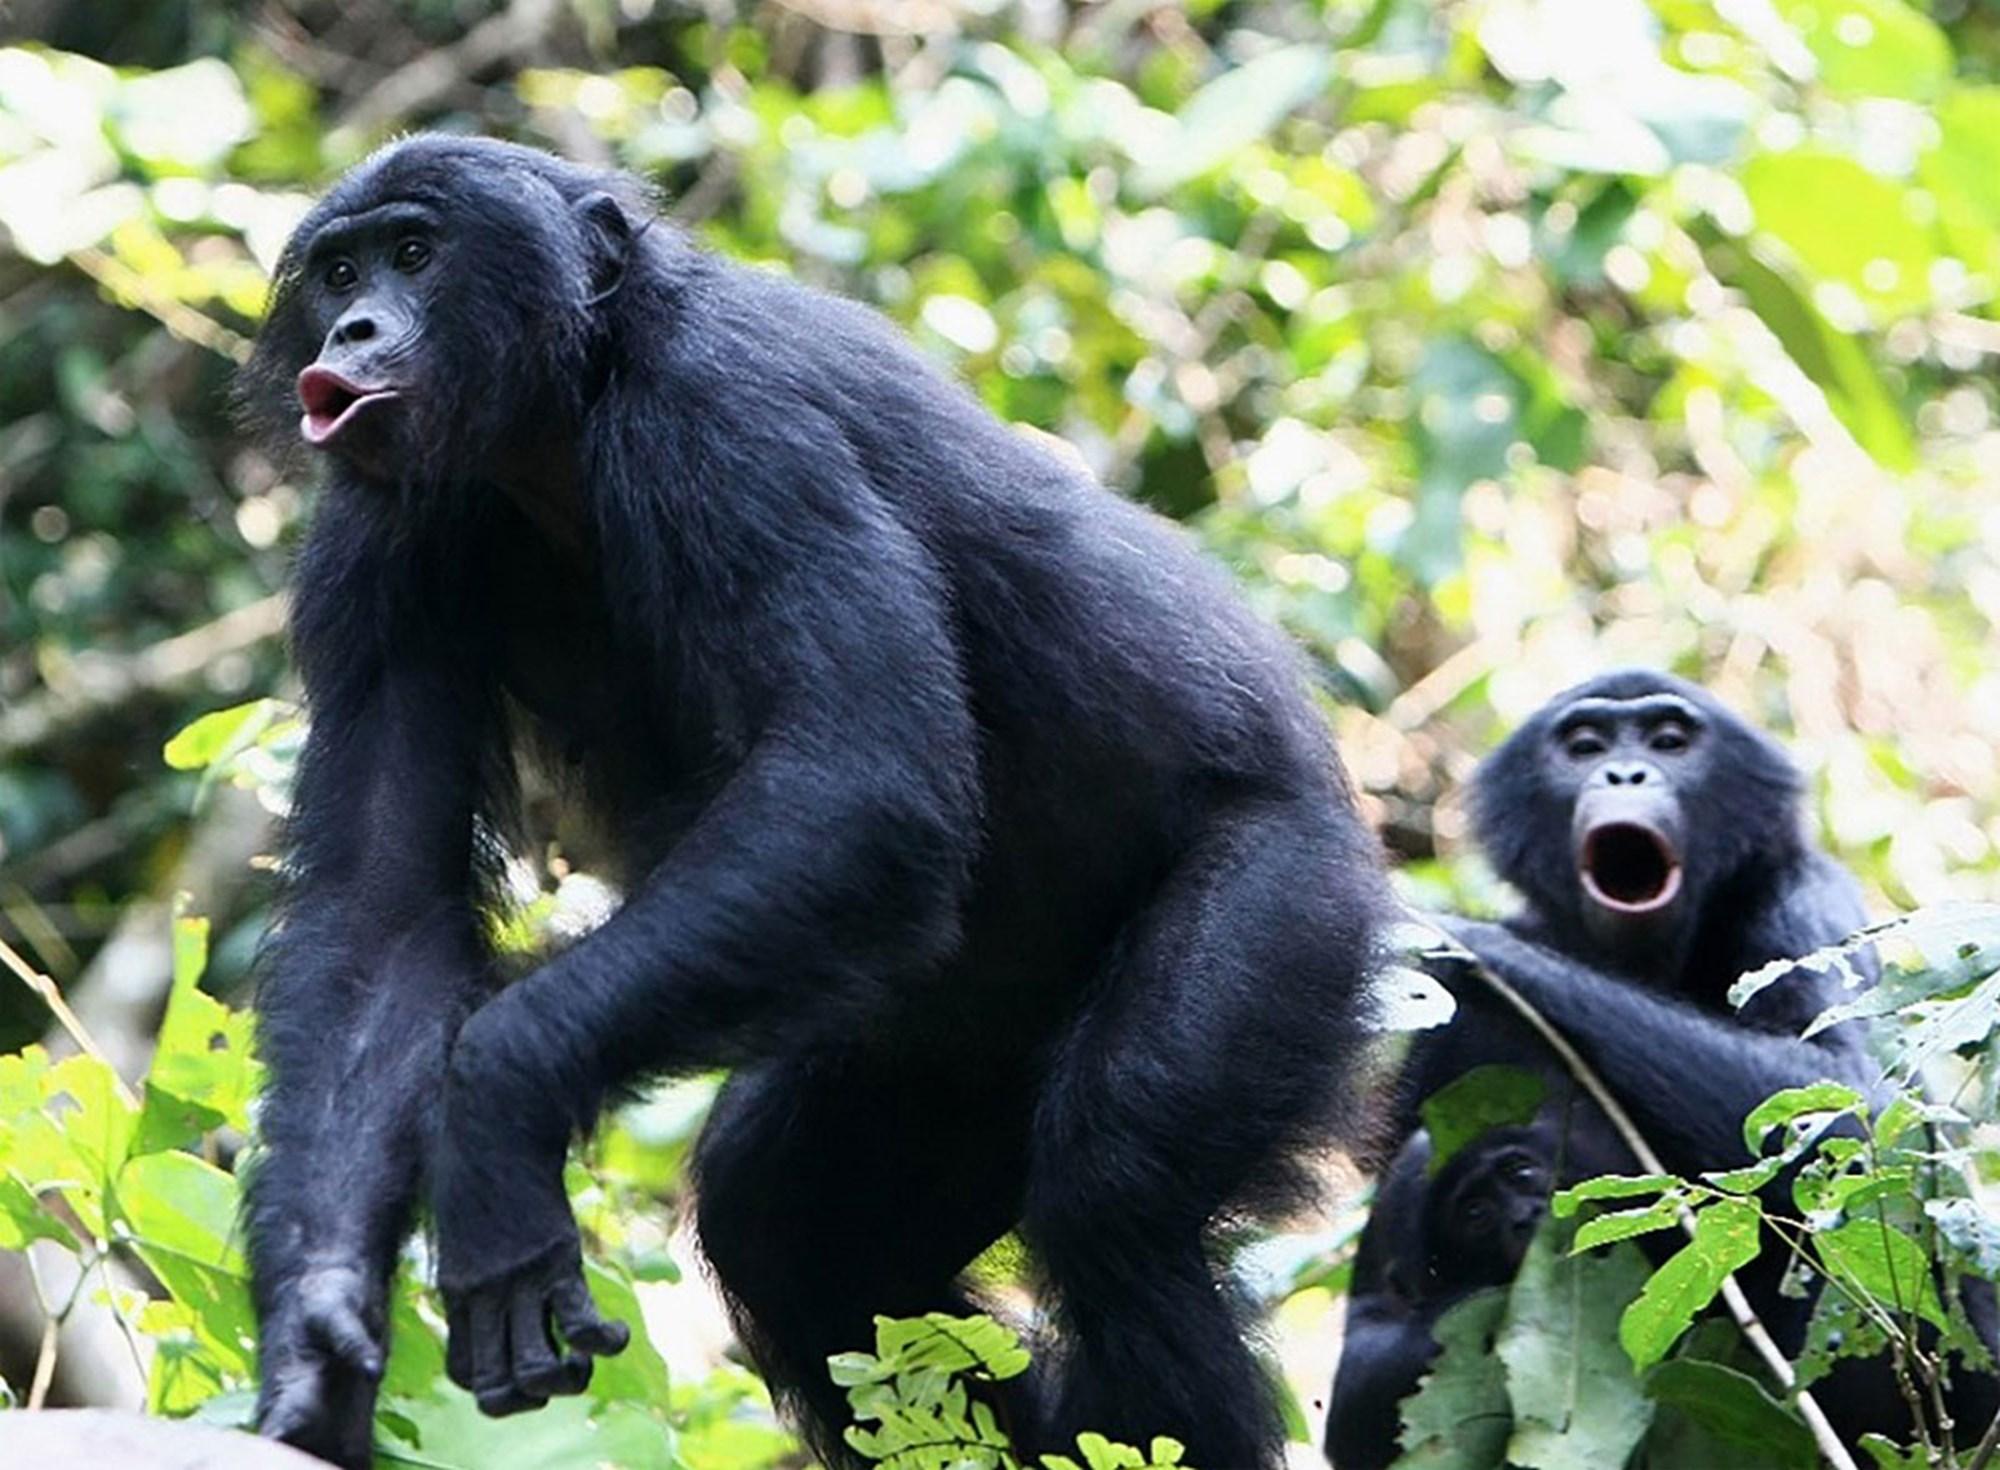 """Ursache für die """"hohen Töne"""" der Bonobos entschlüsselt"""